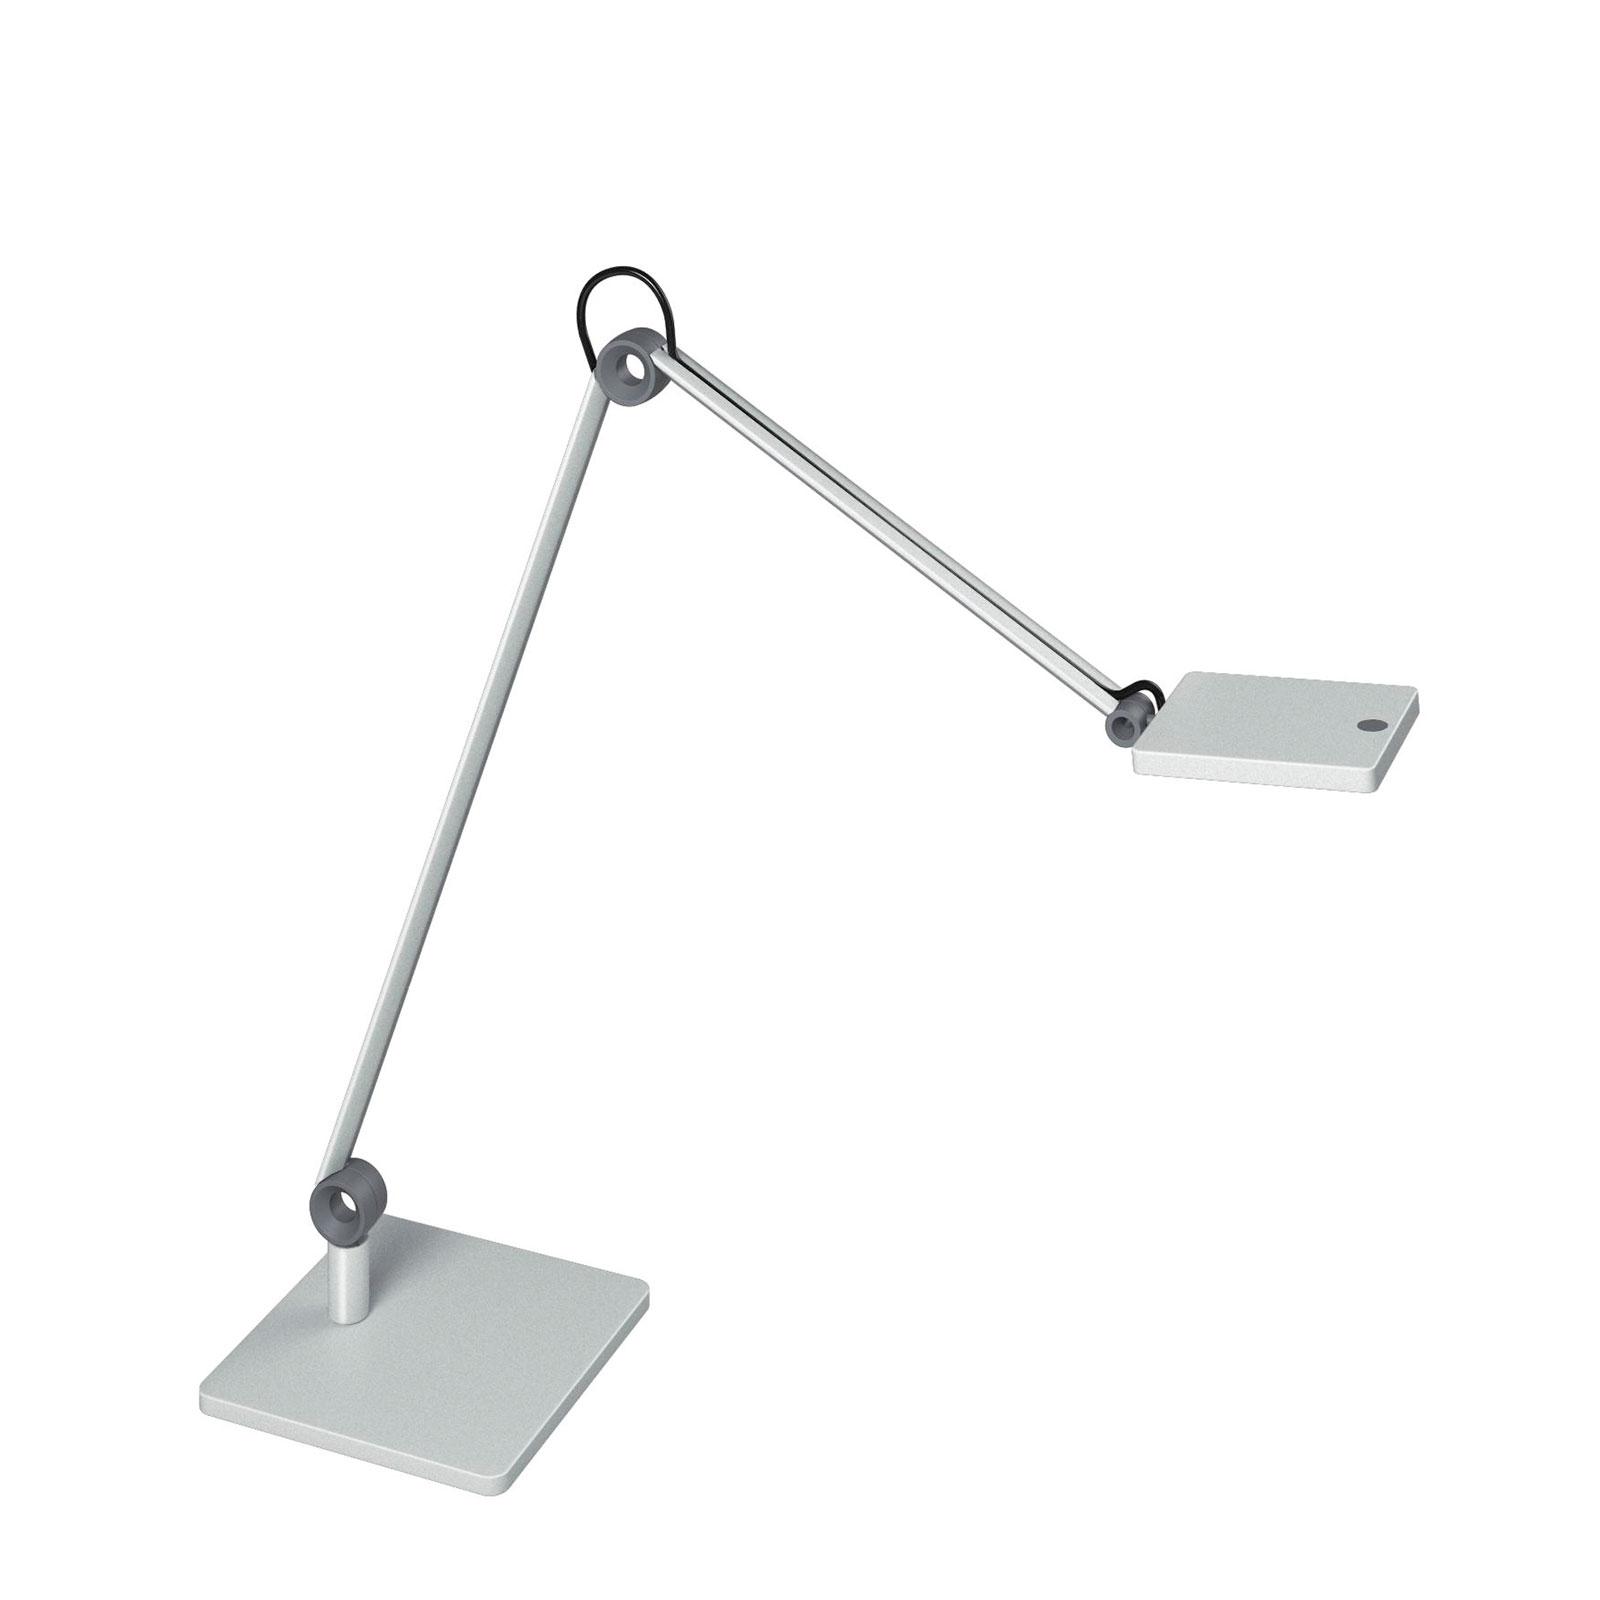 LED-Tischleuchte PARA.MI FTL 108 R silber 940